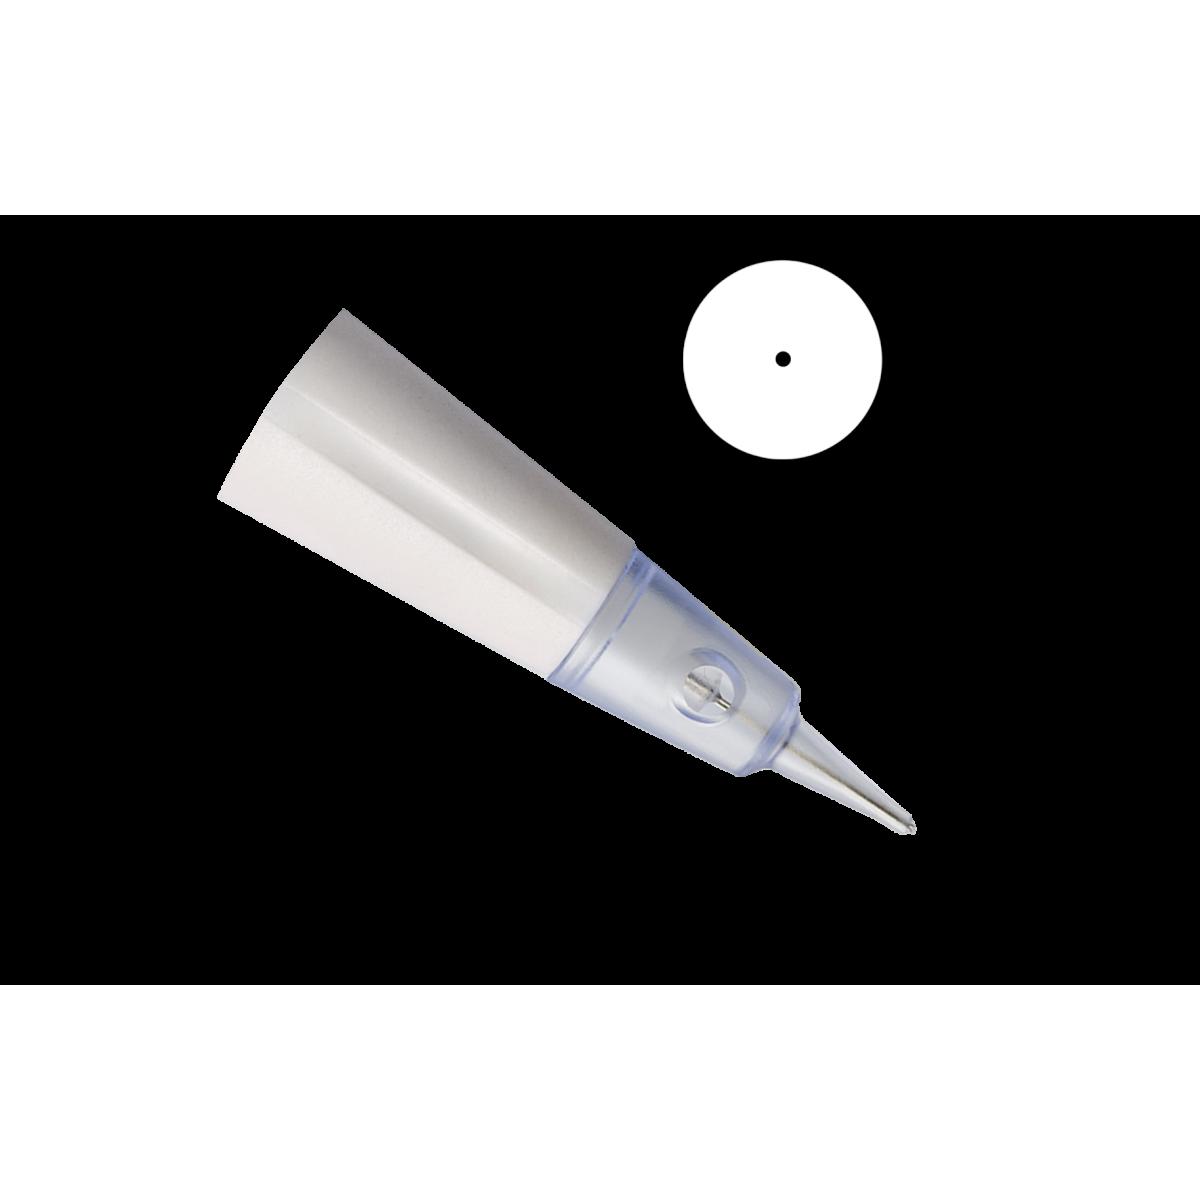 Stylo Genius -  - 1 MICRO (0,18 mm) GENIUS